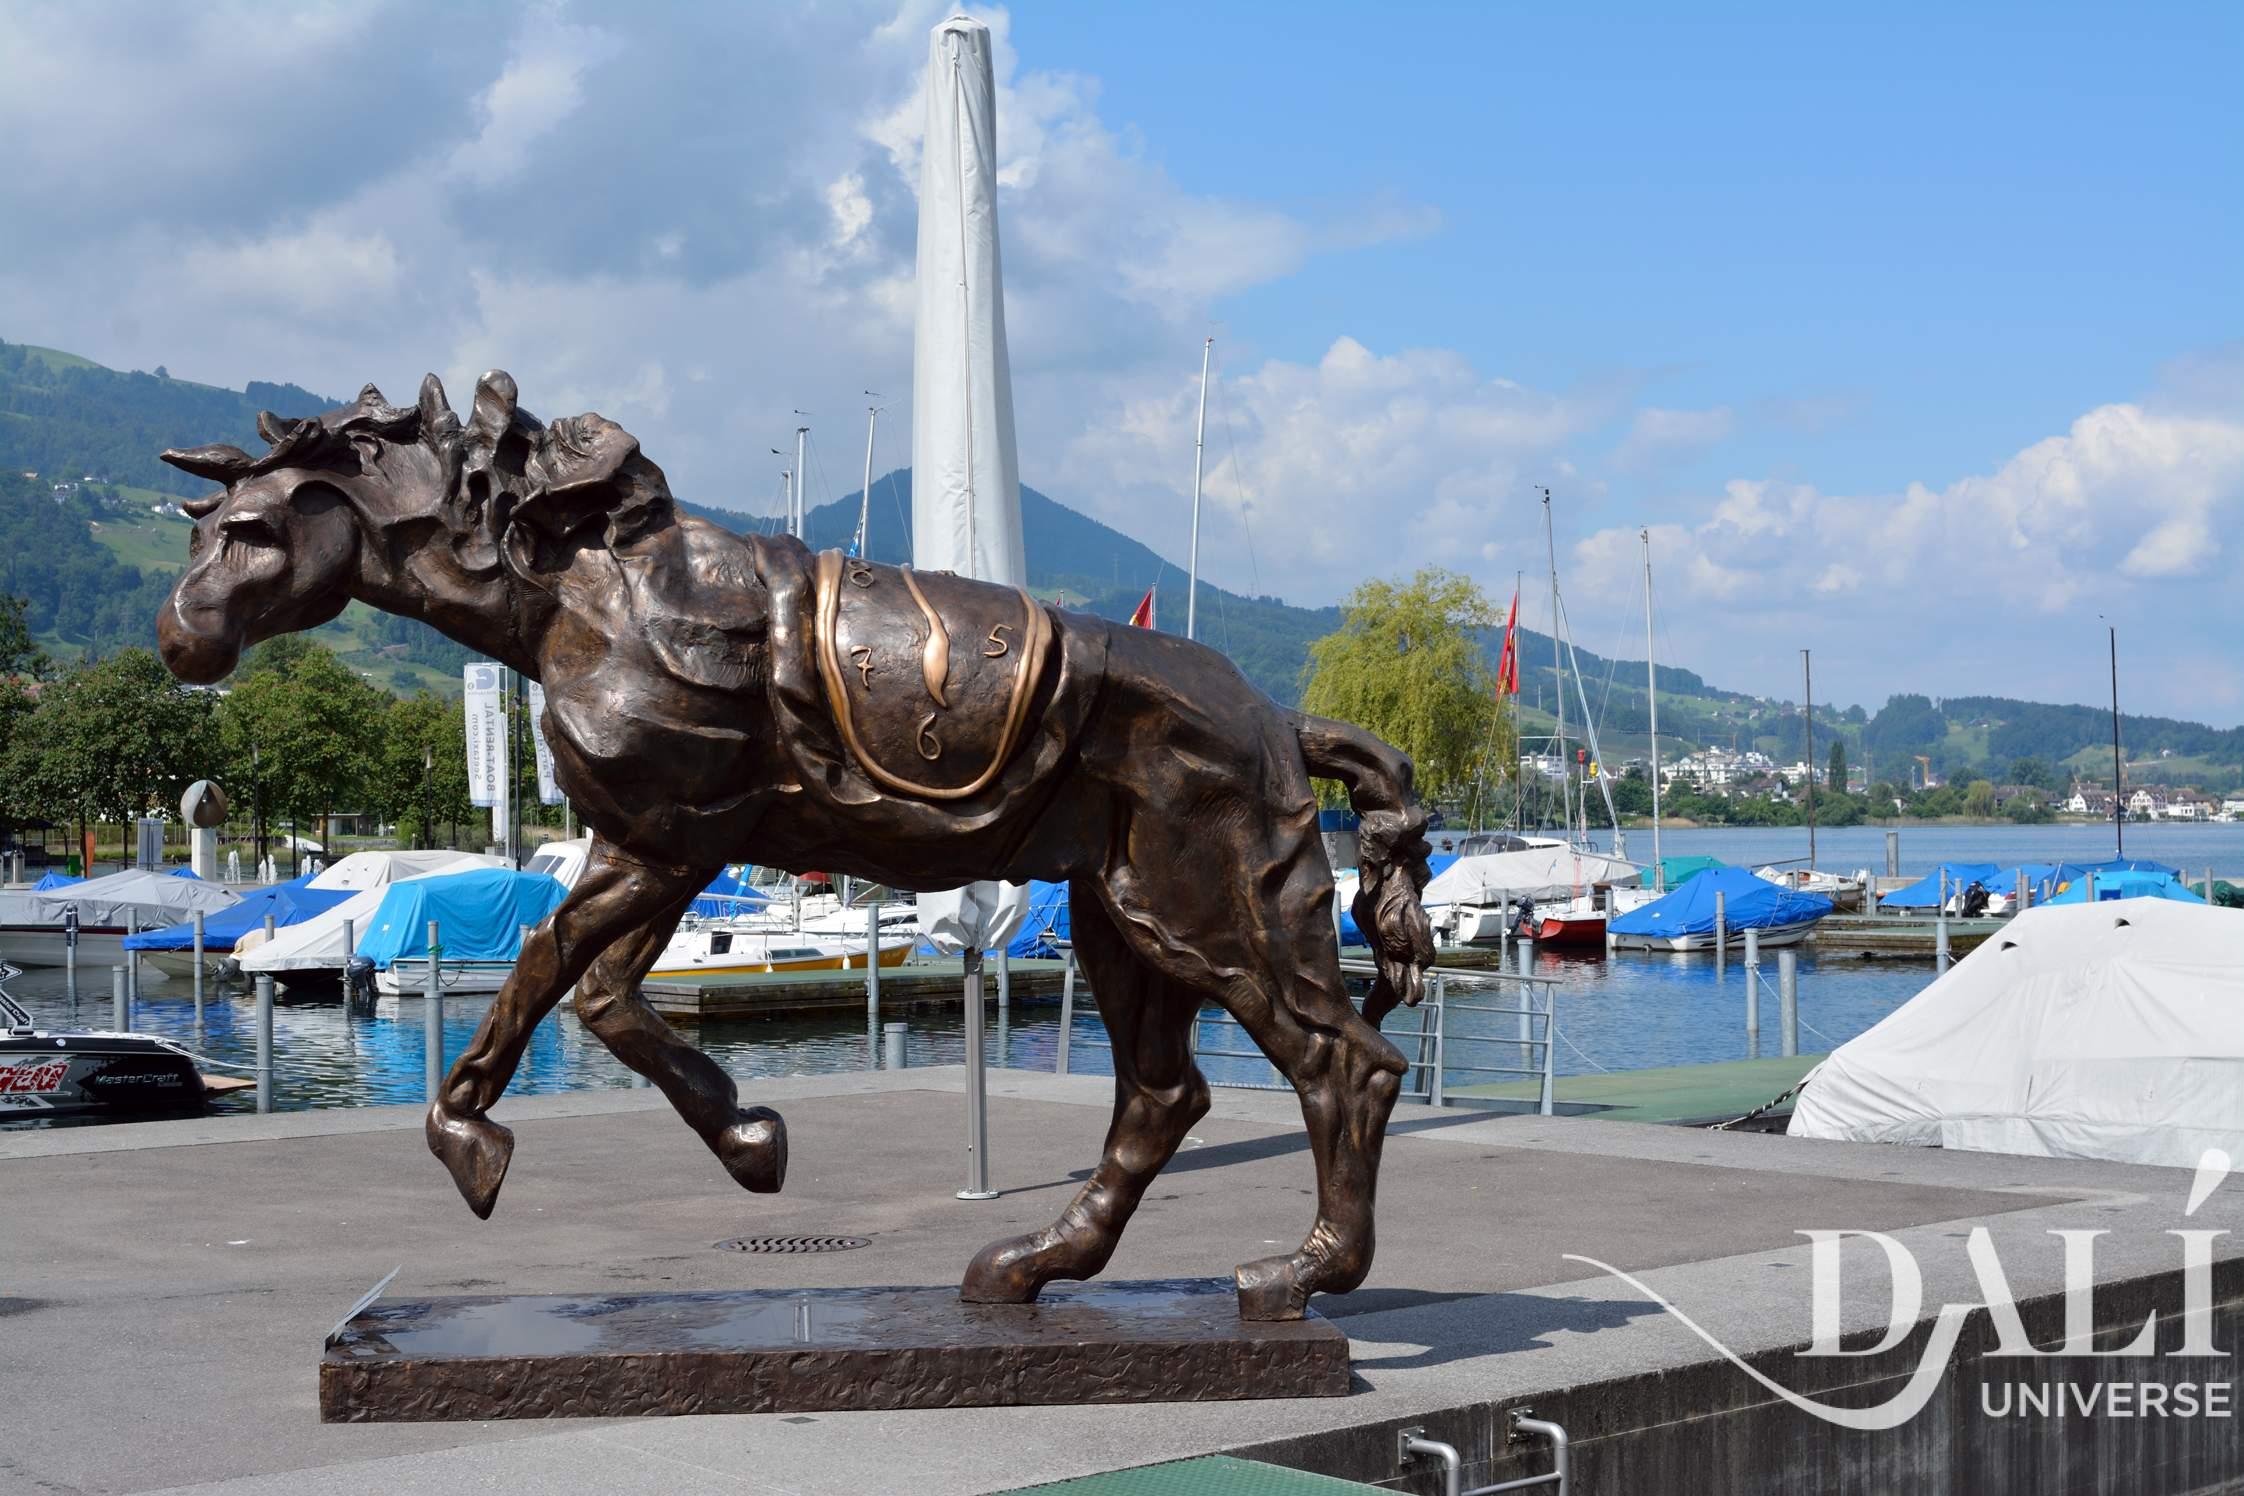 1bc87a1594 Cavallo con Orologio Molle Sculture monumentali | The Dalí Universe